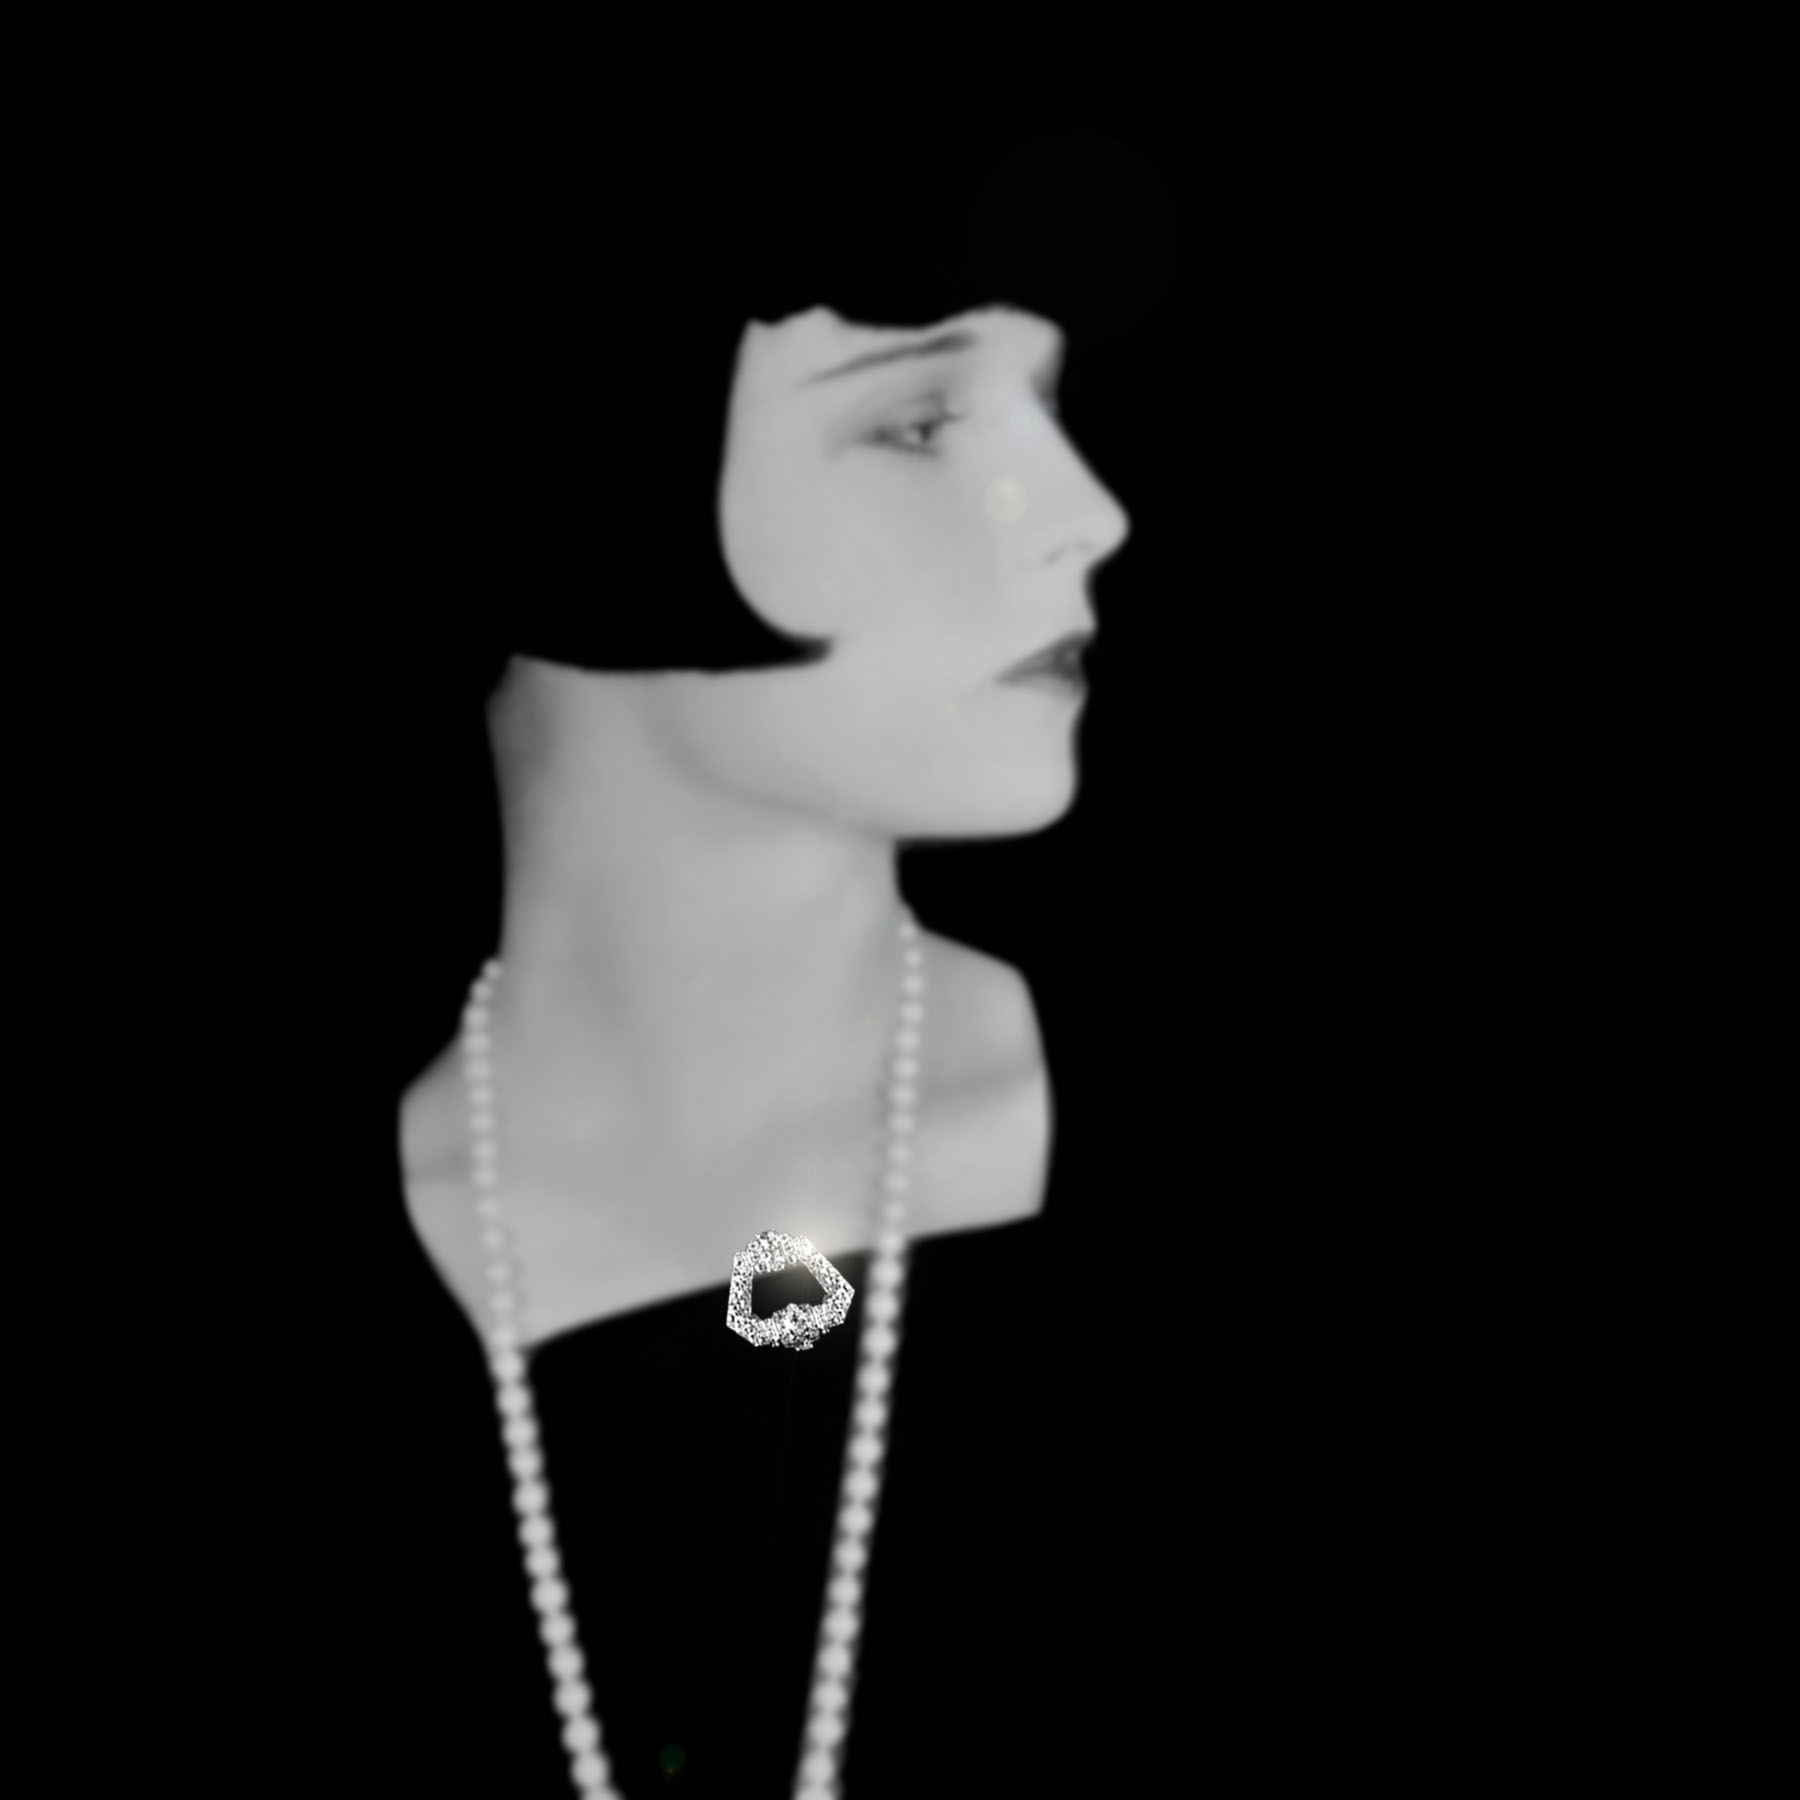 アンティーククリップブローチを着けたルイーズ・ブルックス 画像はイメージです。